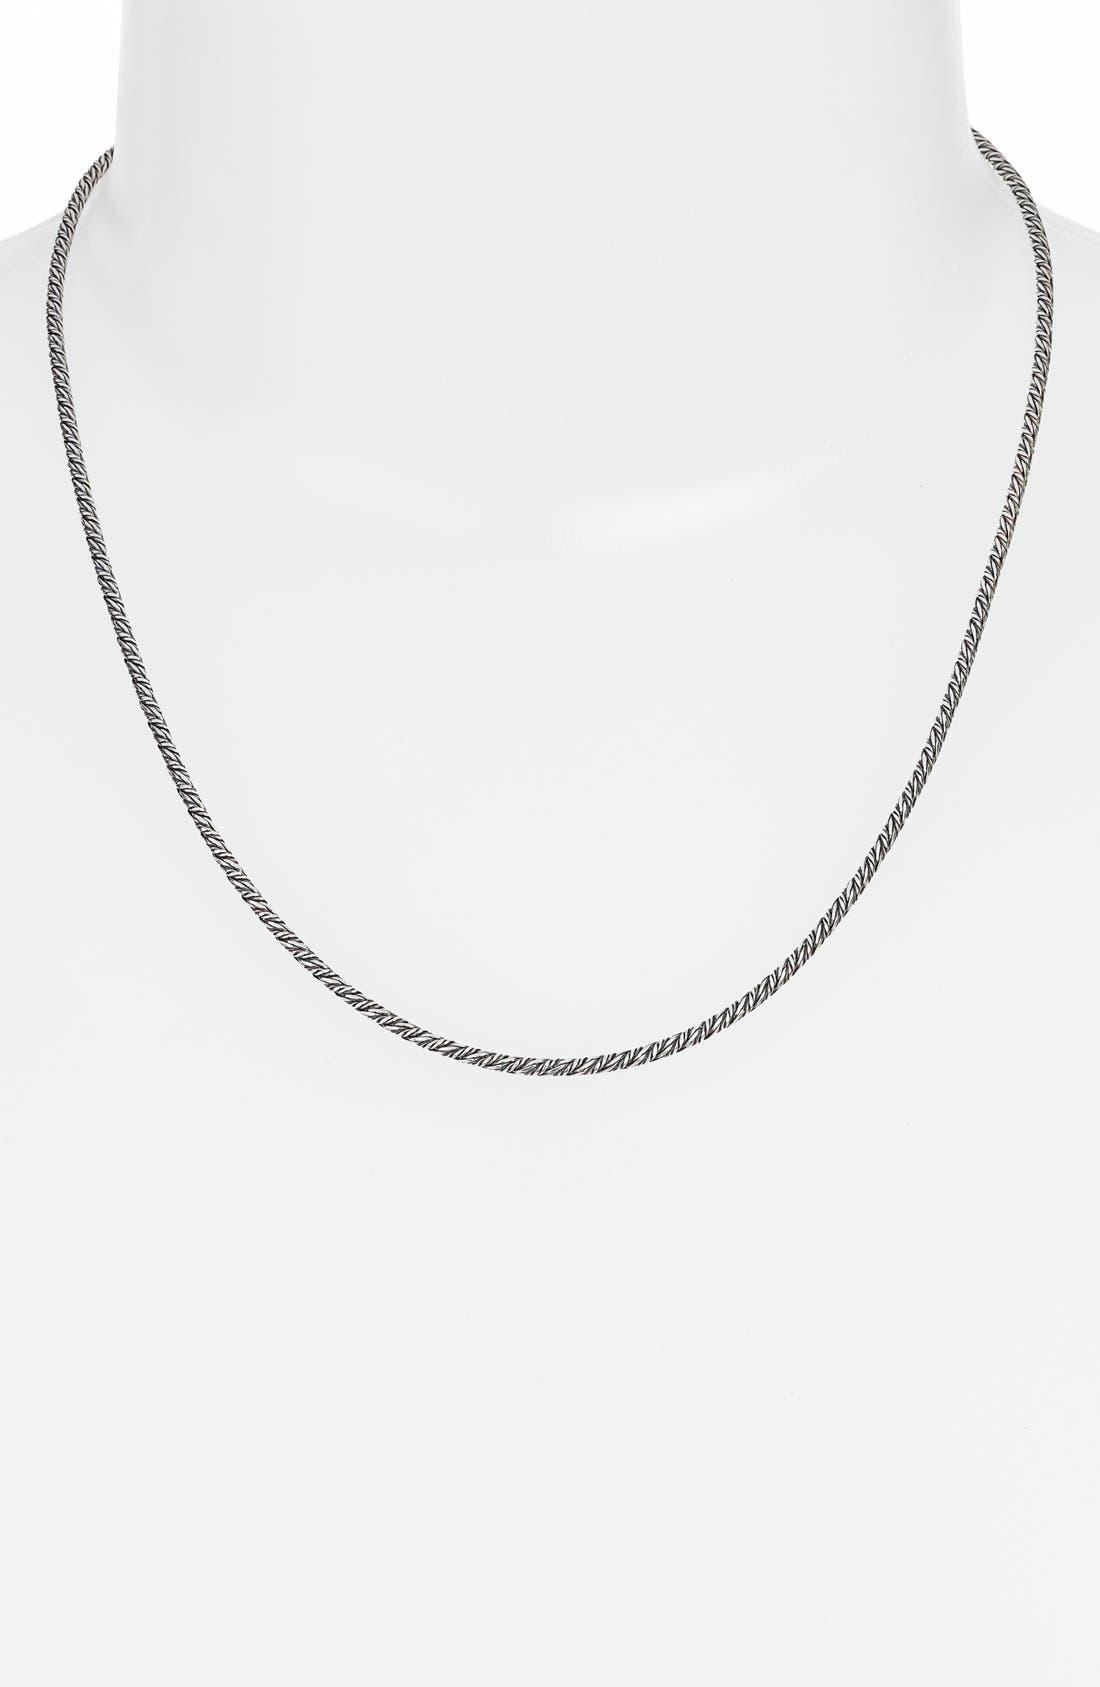 'Classics' Briolette Chain,                         Main,                         color, Silver